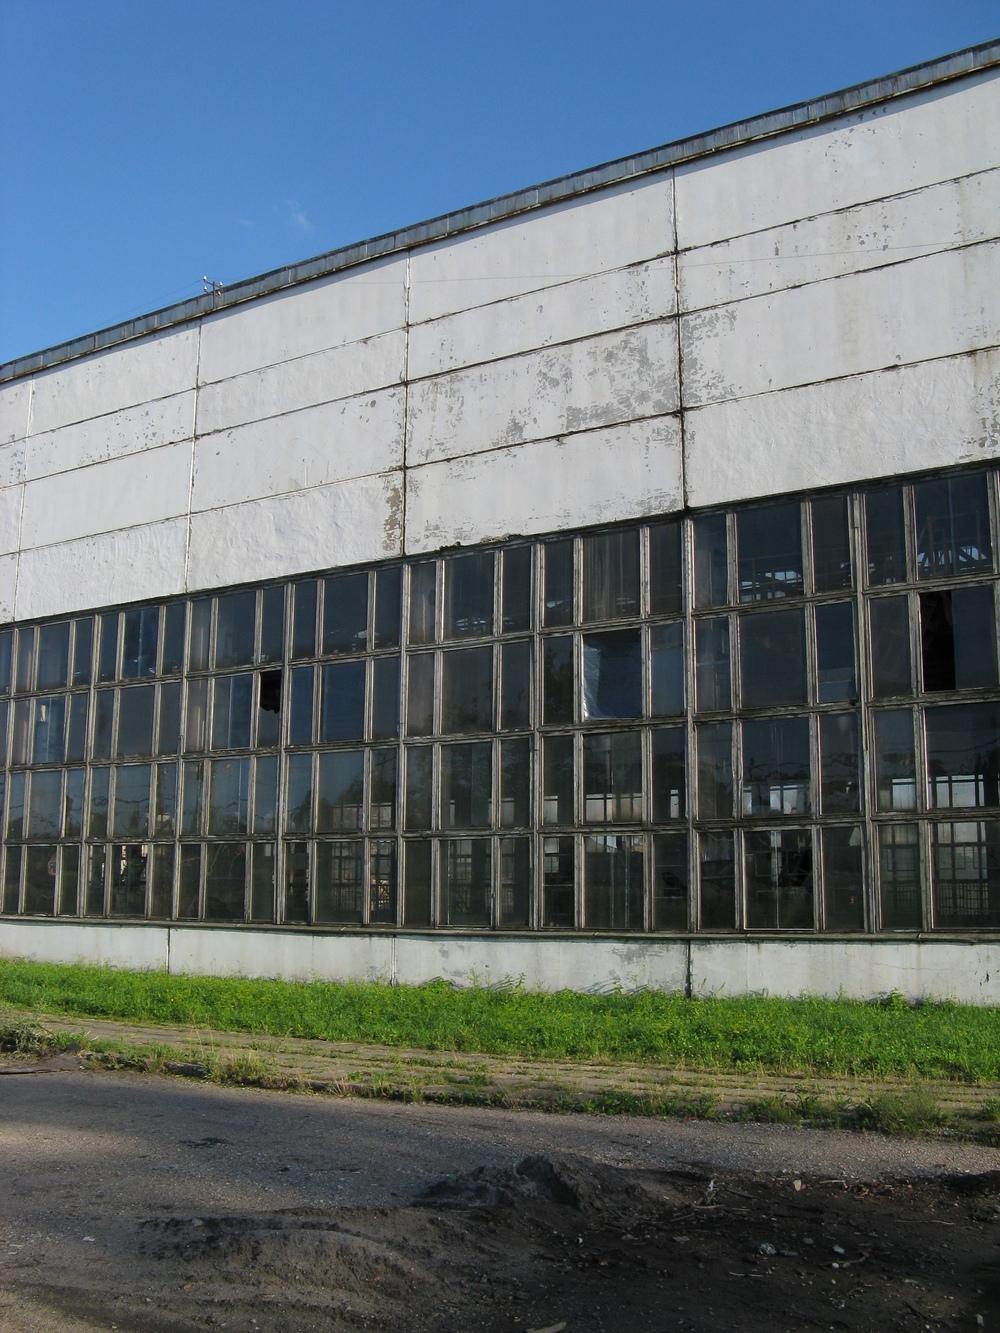 Buvęs Sofijos popieriaus fabrikas dabar